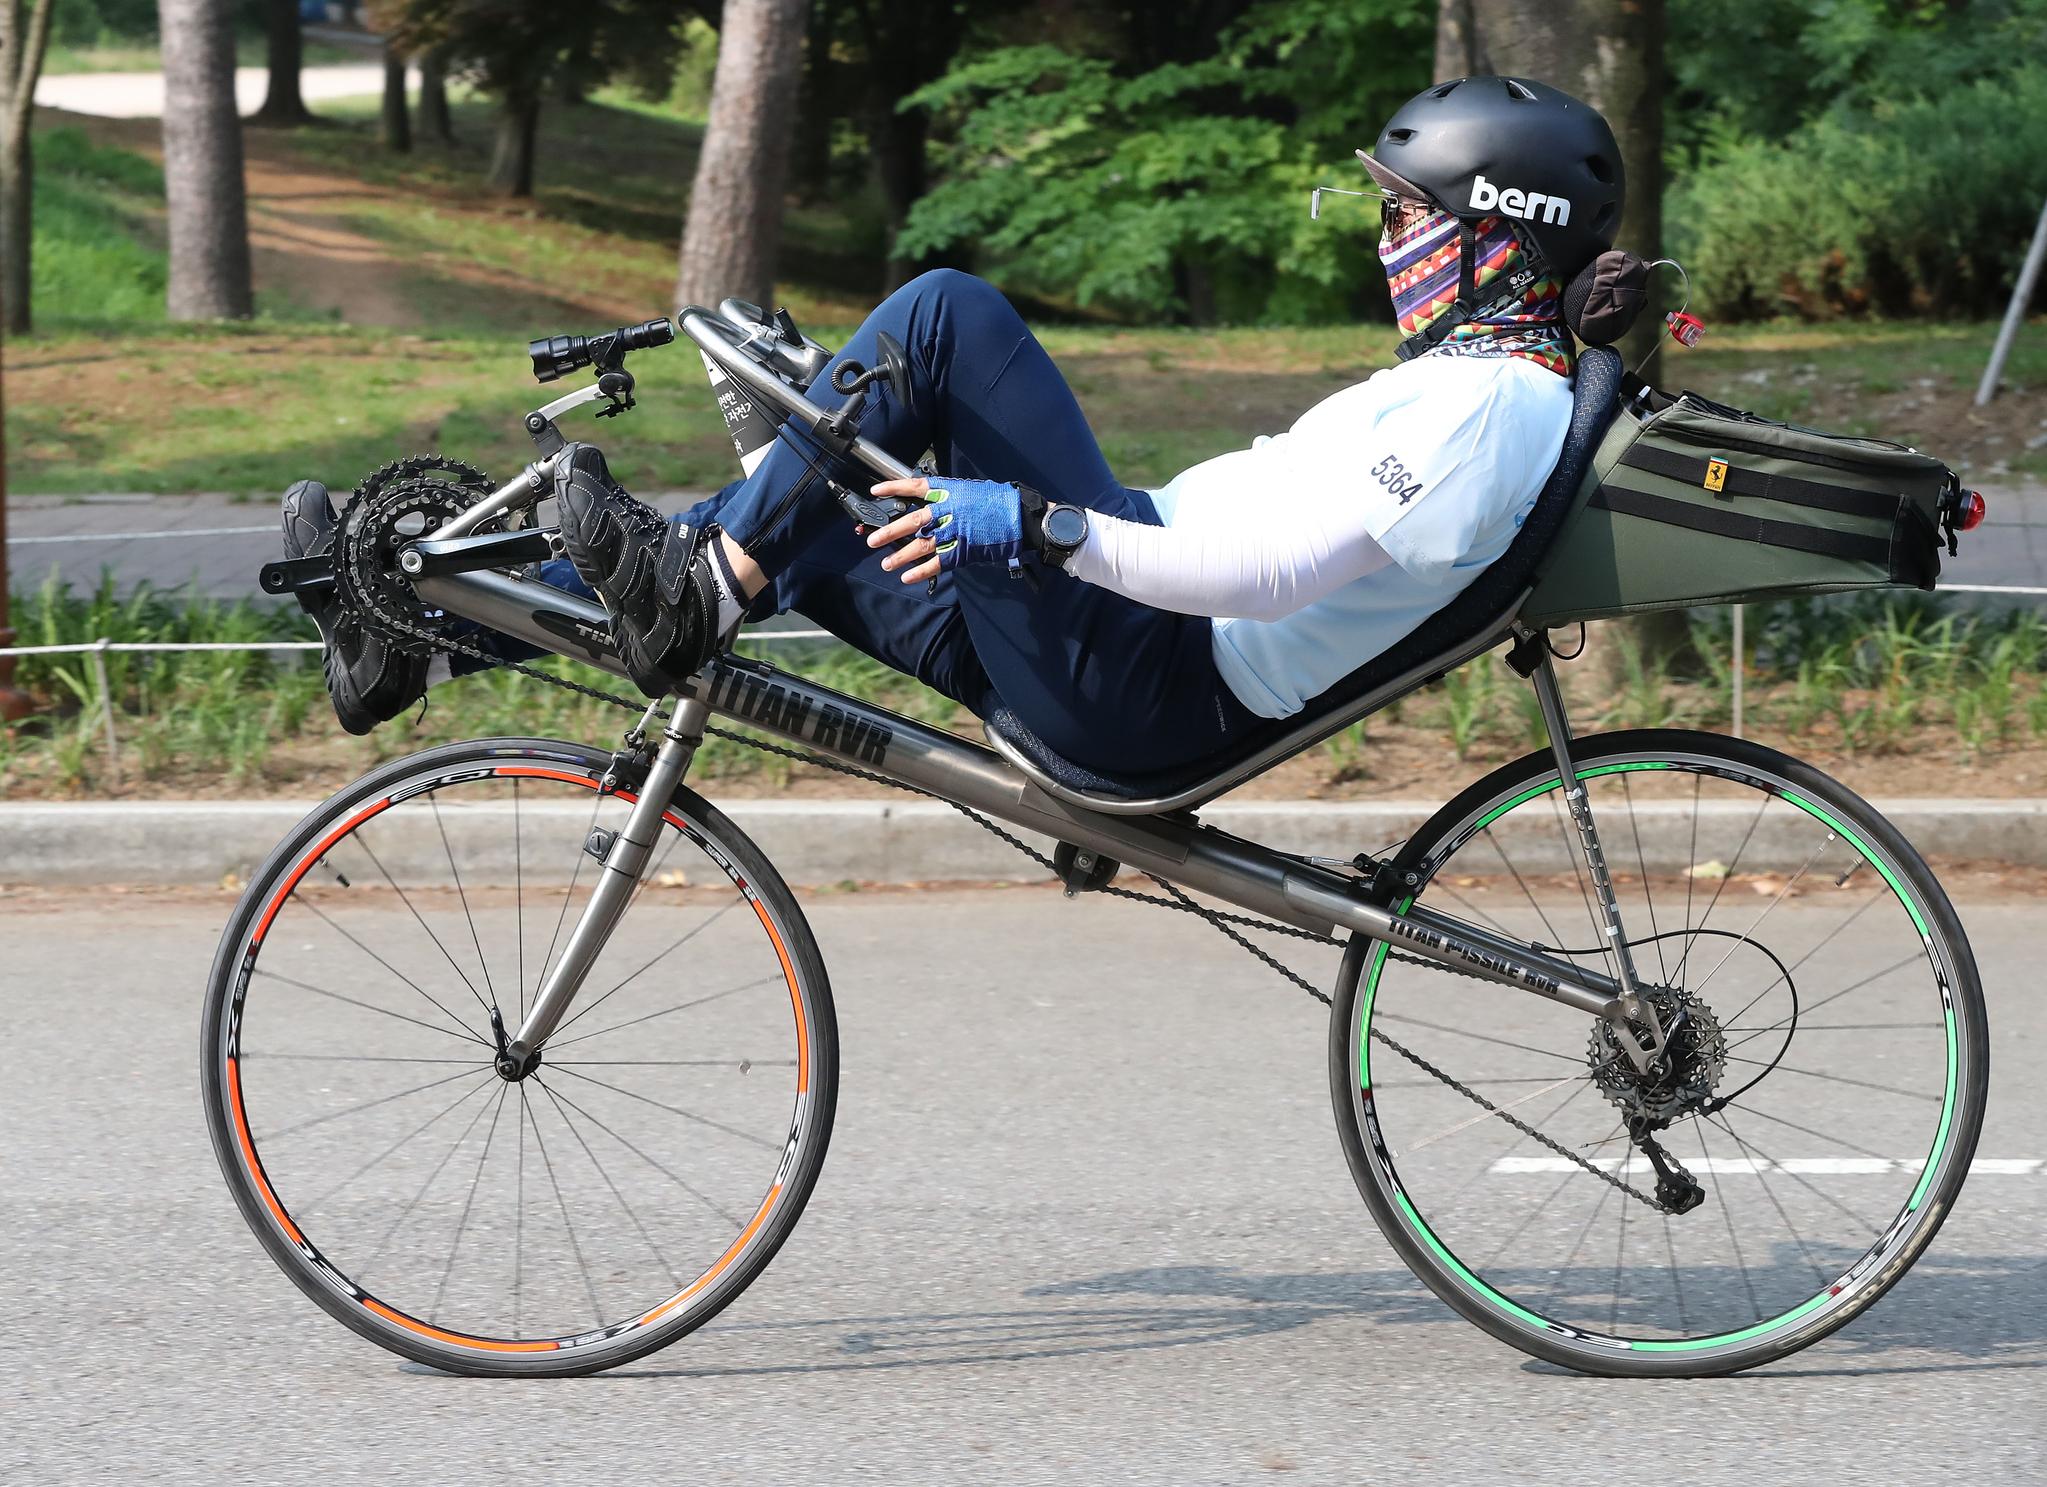 같은 누워 타는 자전거지만, 좌석이 높은 자전거를 탄 참가자도 있었다. 우상조 기자